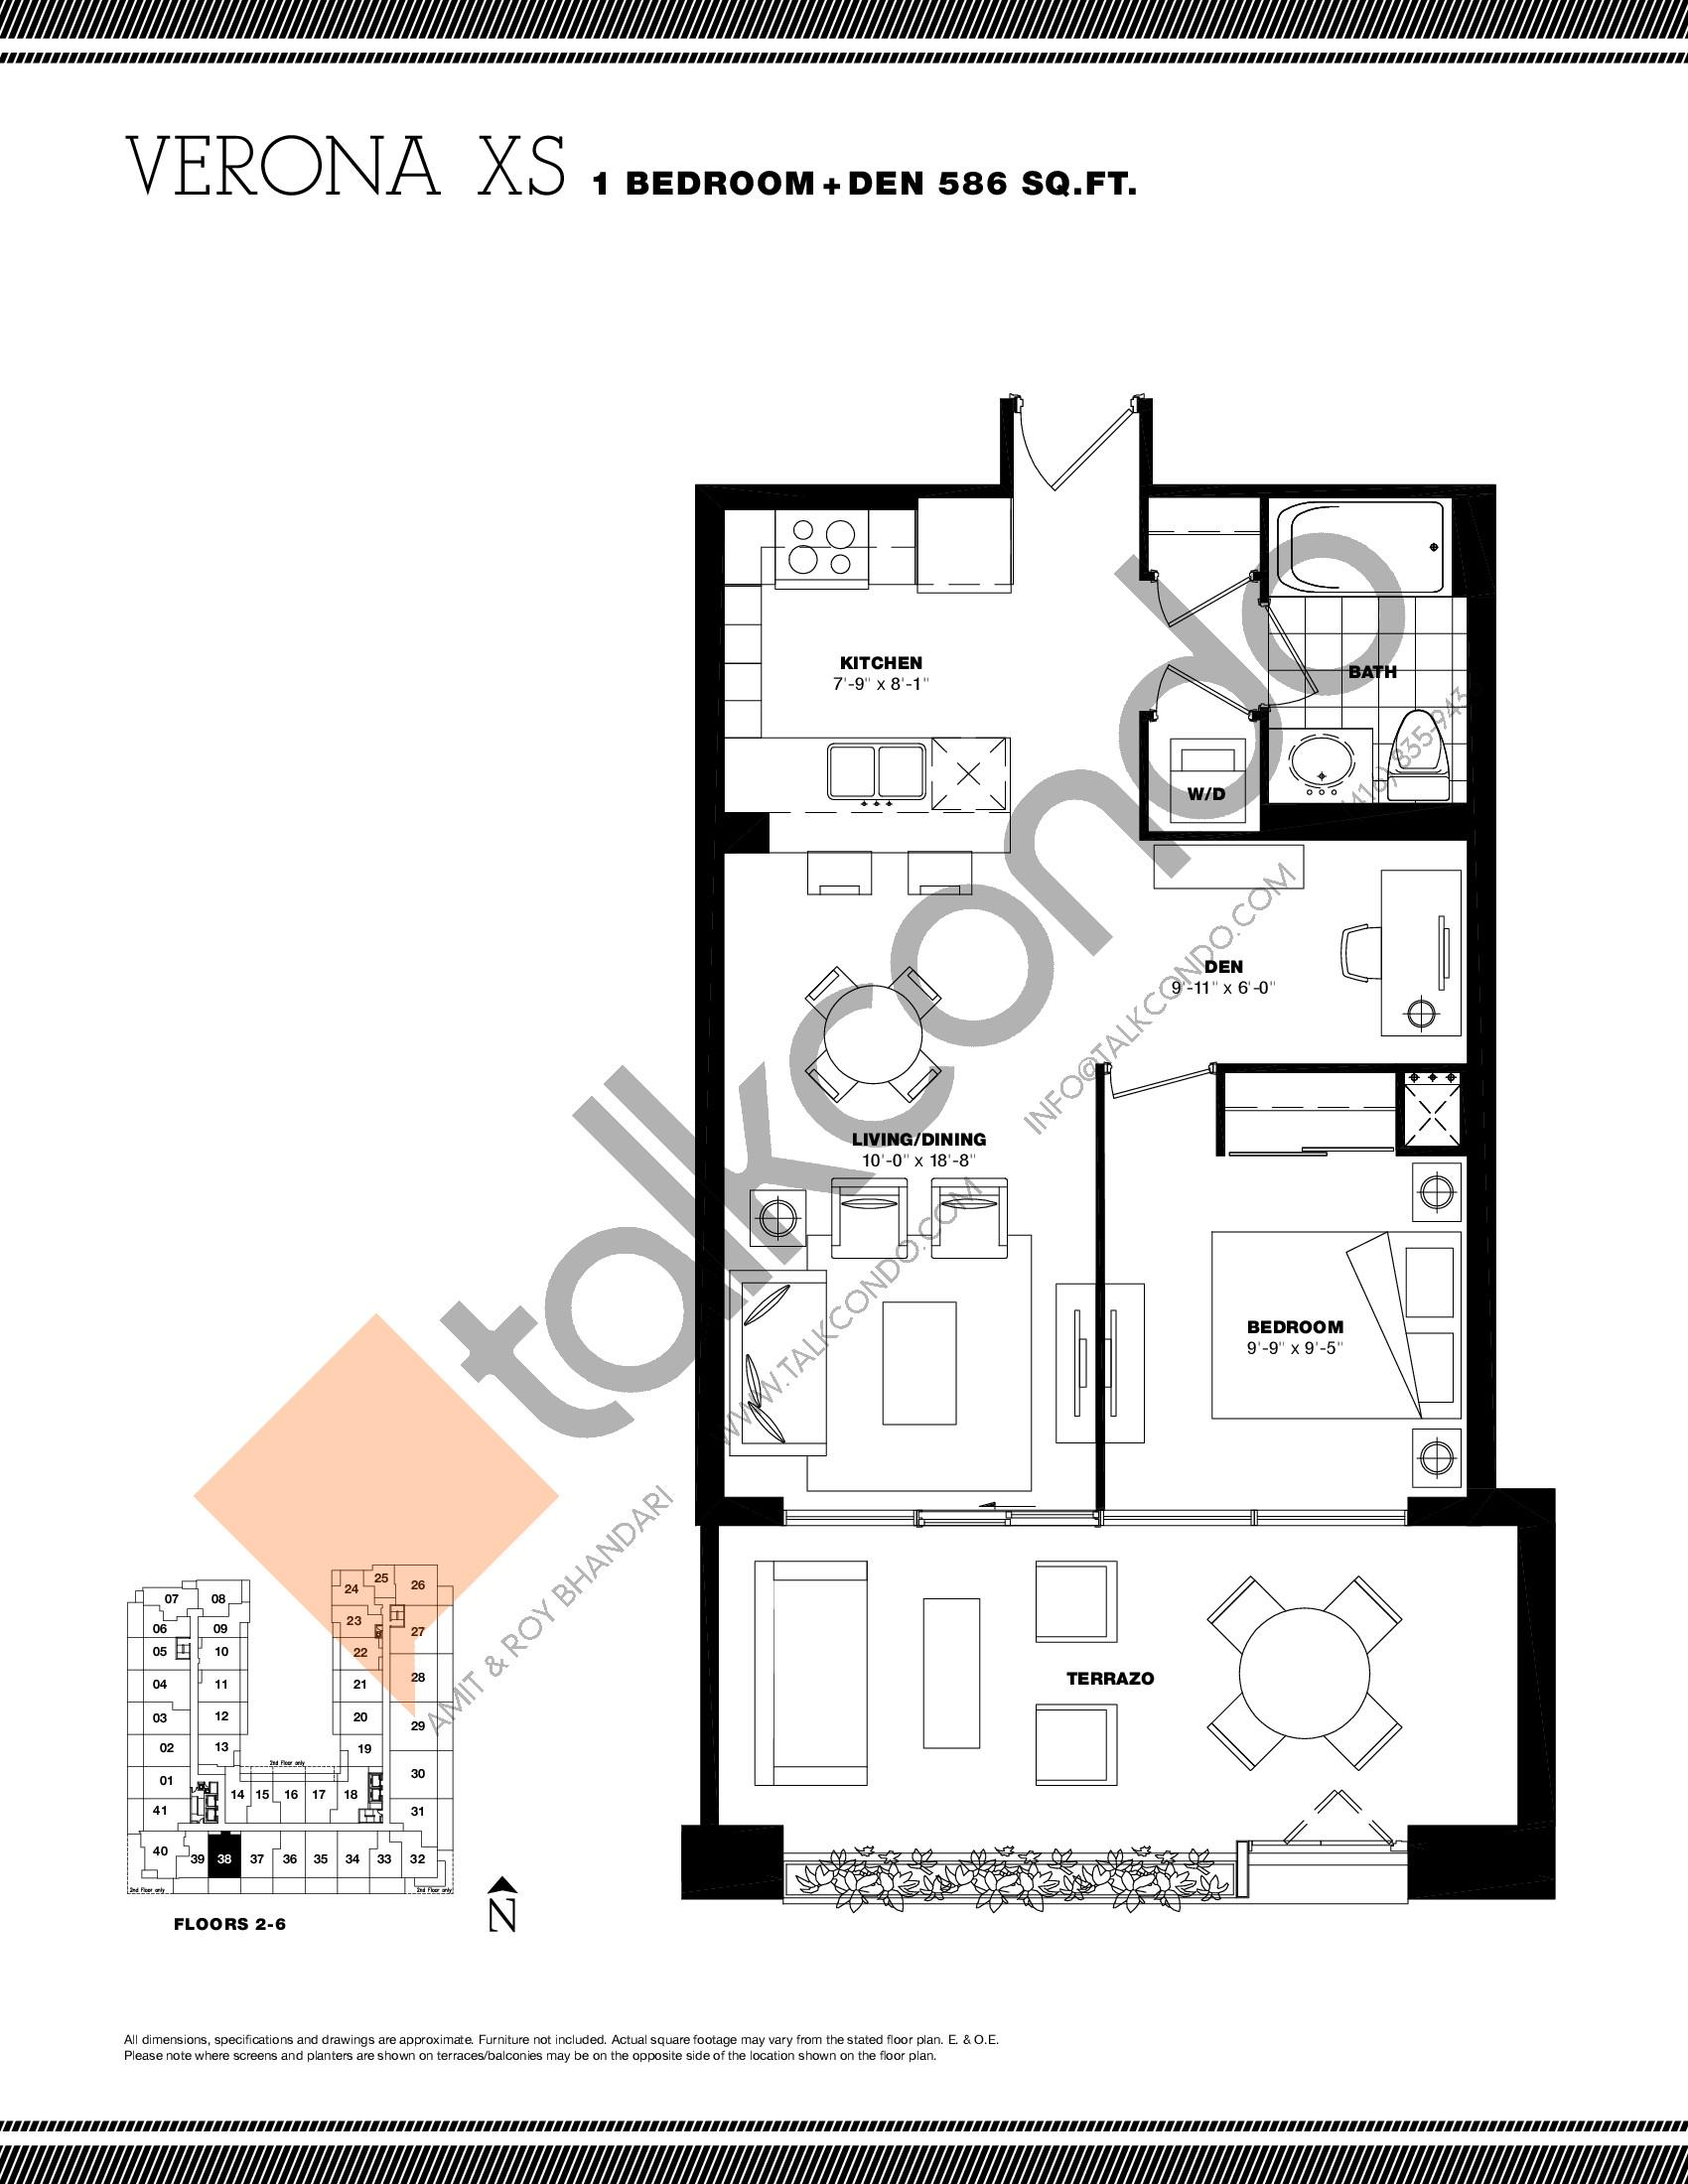 Verona XS Floor Plan at Residenze Palazzo at Treviso 3 Condos - 586 sq.ft